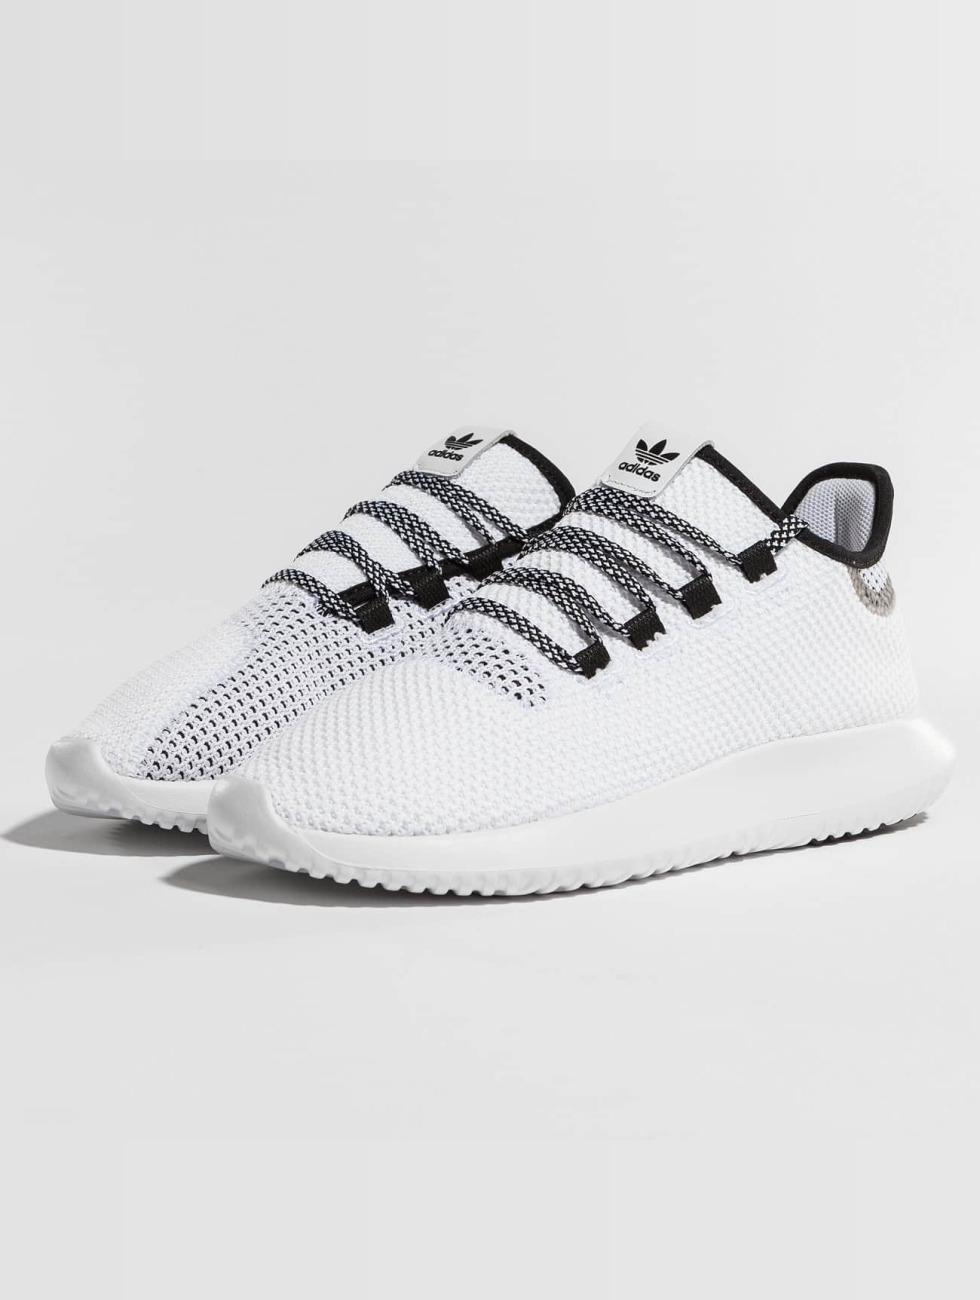 Adidas Originaux Schoen / Sneaker Ombre Tubulaire Ck Dans L'esprit 436243 La Qualité De Sortie De La Livraison Gratuite sxctY